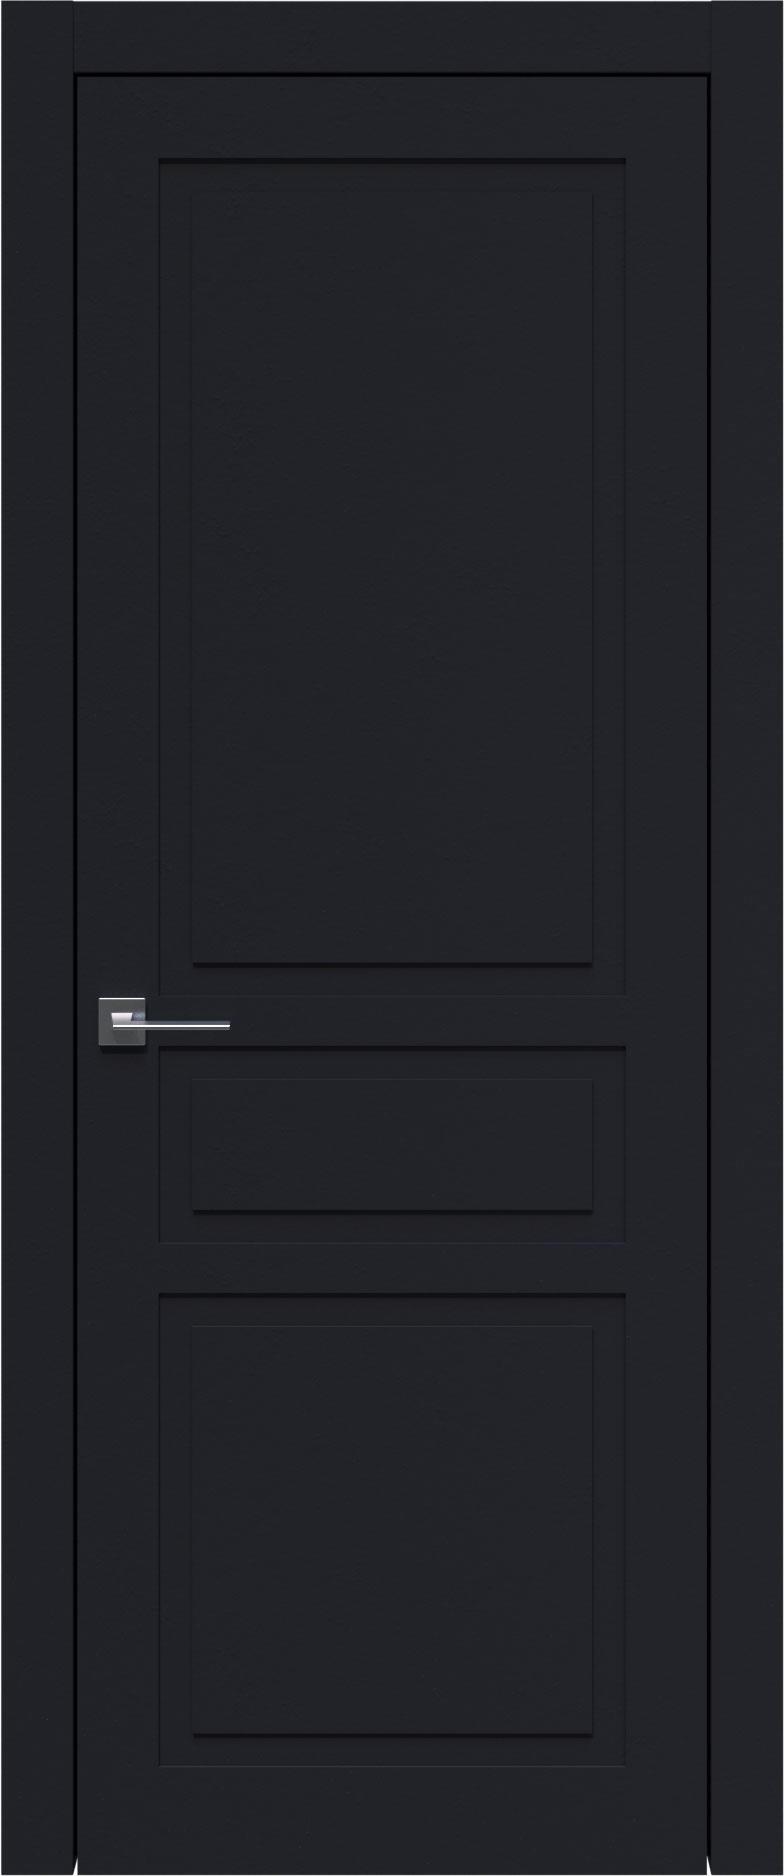 Tivoli Е-5 цвет - Черная эмаль (RAL 9004) Без стекла (ДГ)